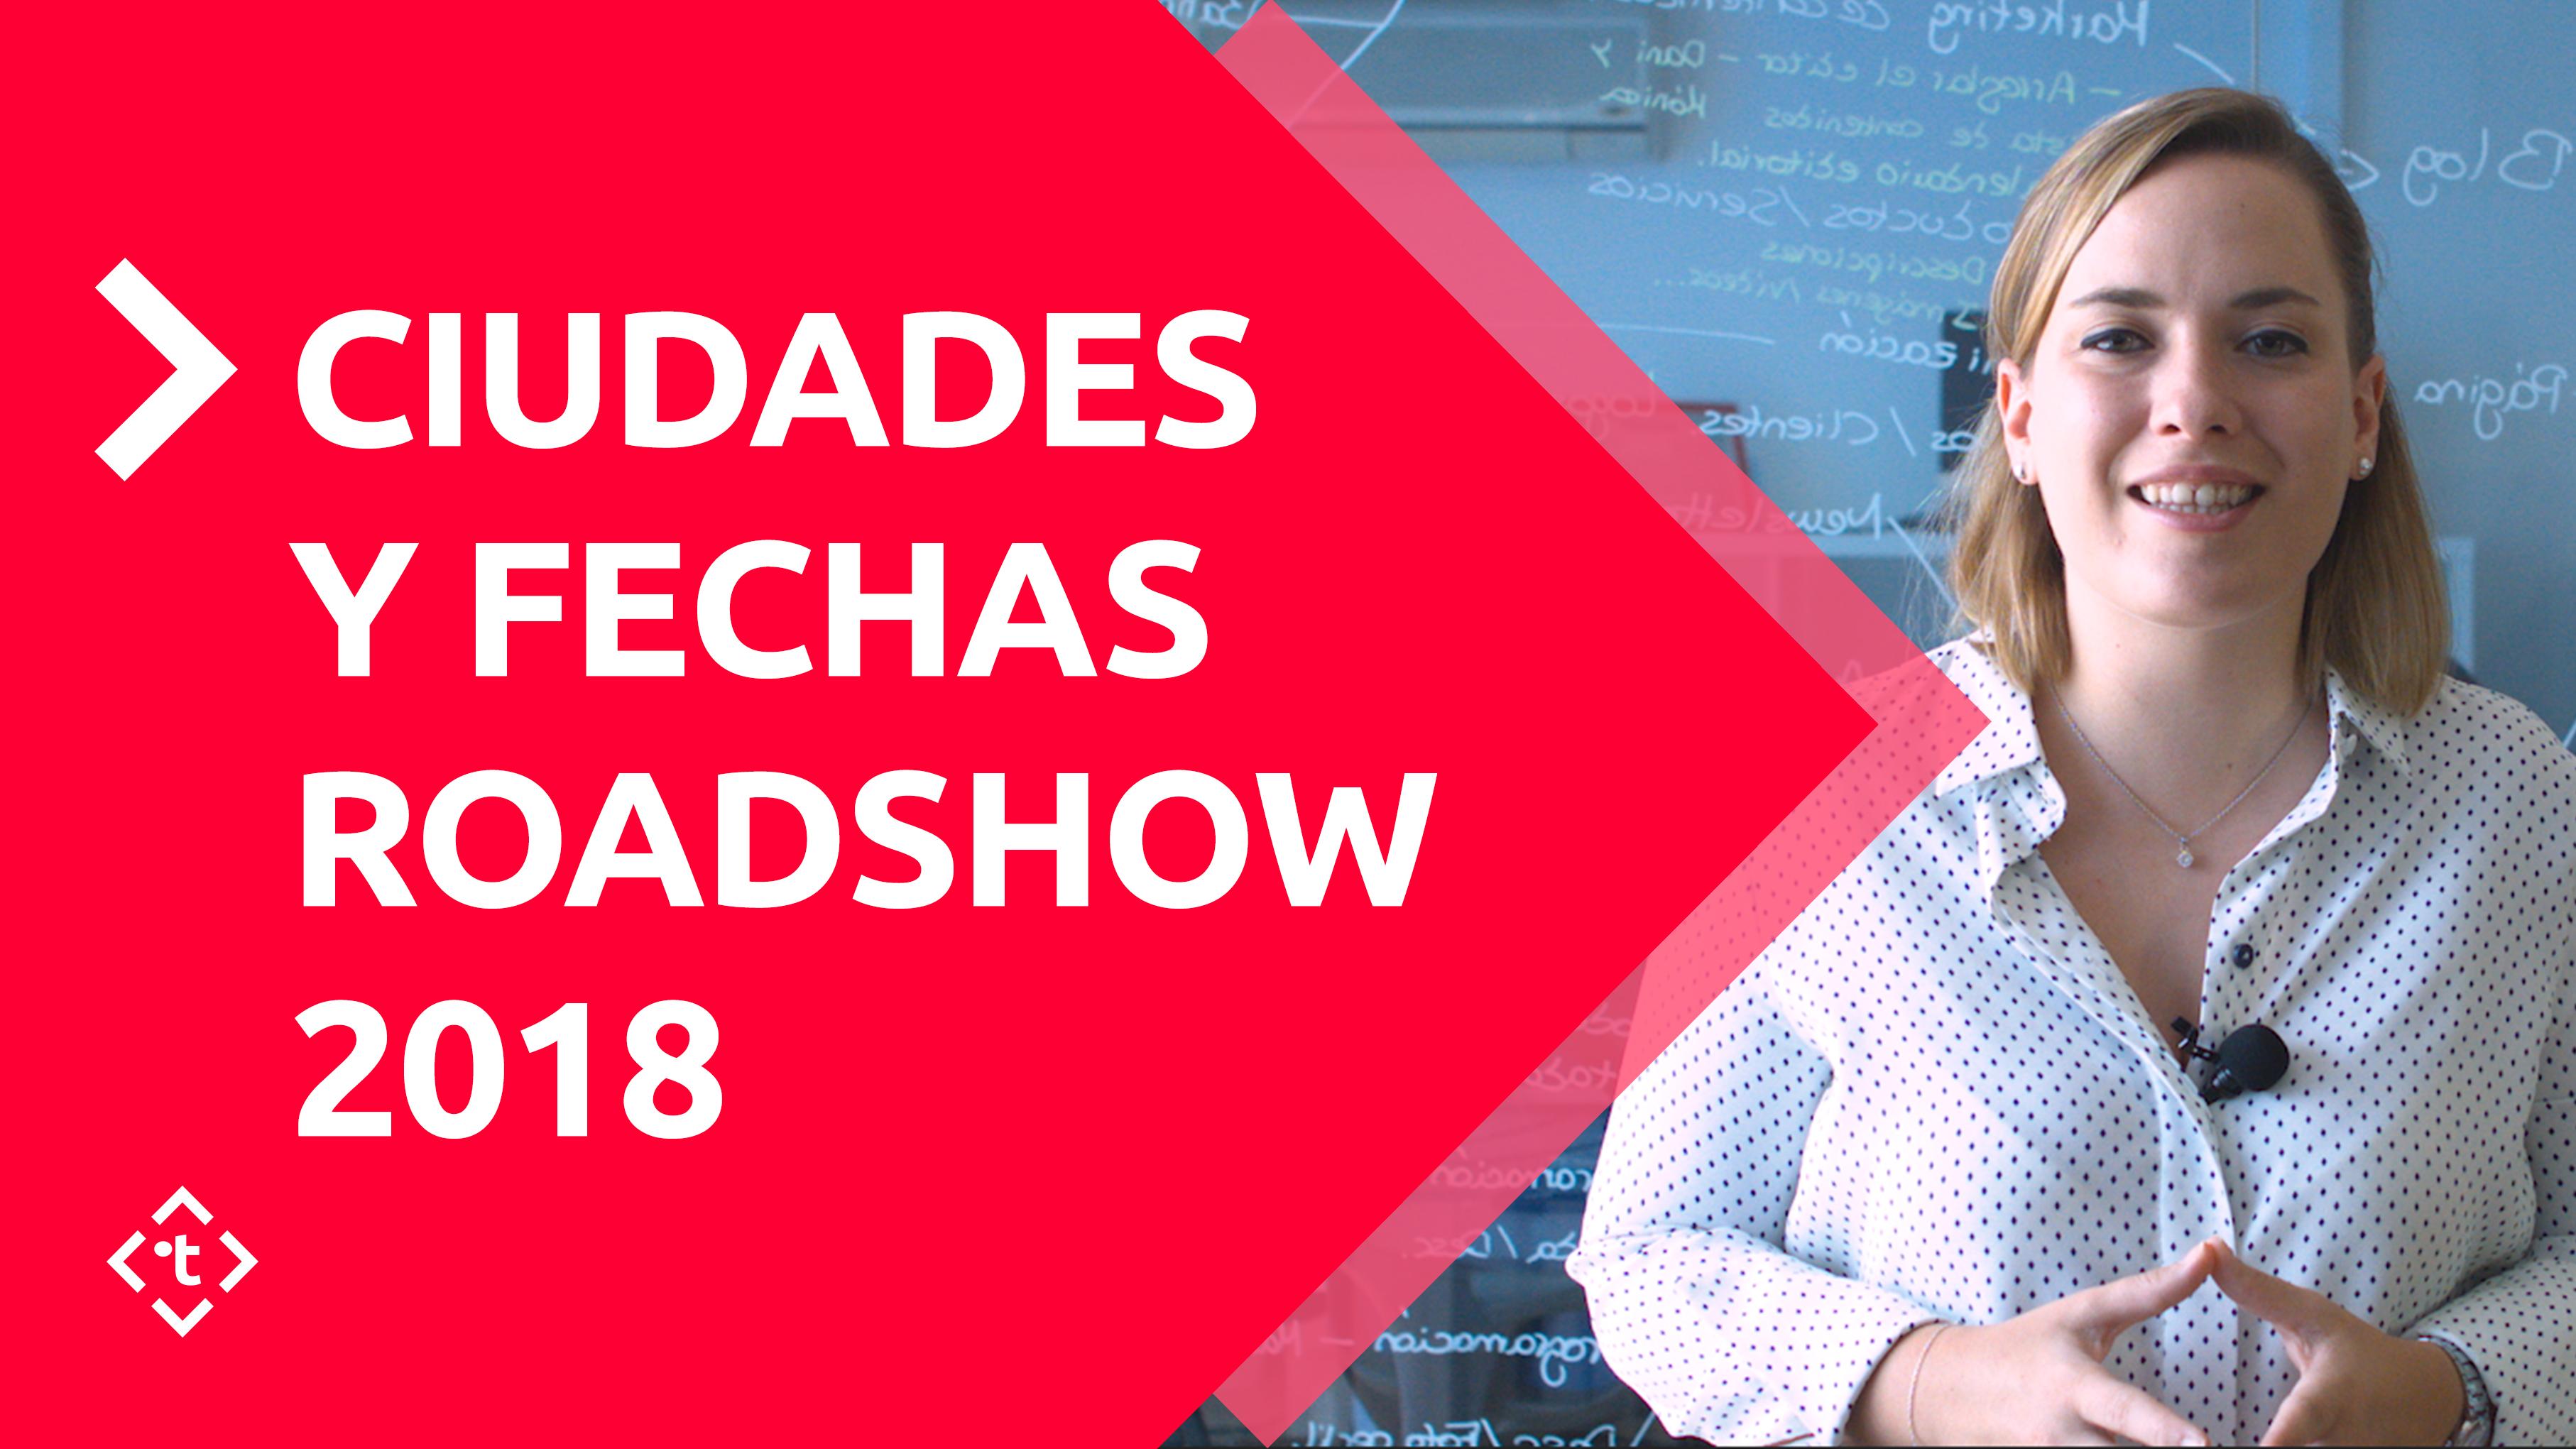 CIUDADES Y FECHAS ROADSHOW 2018